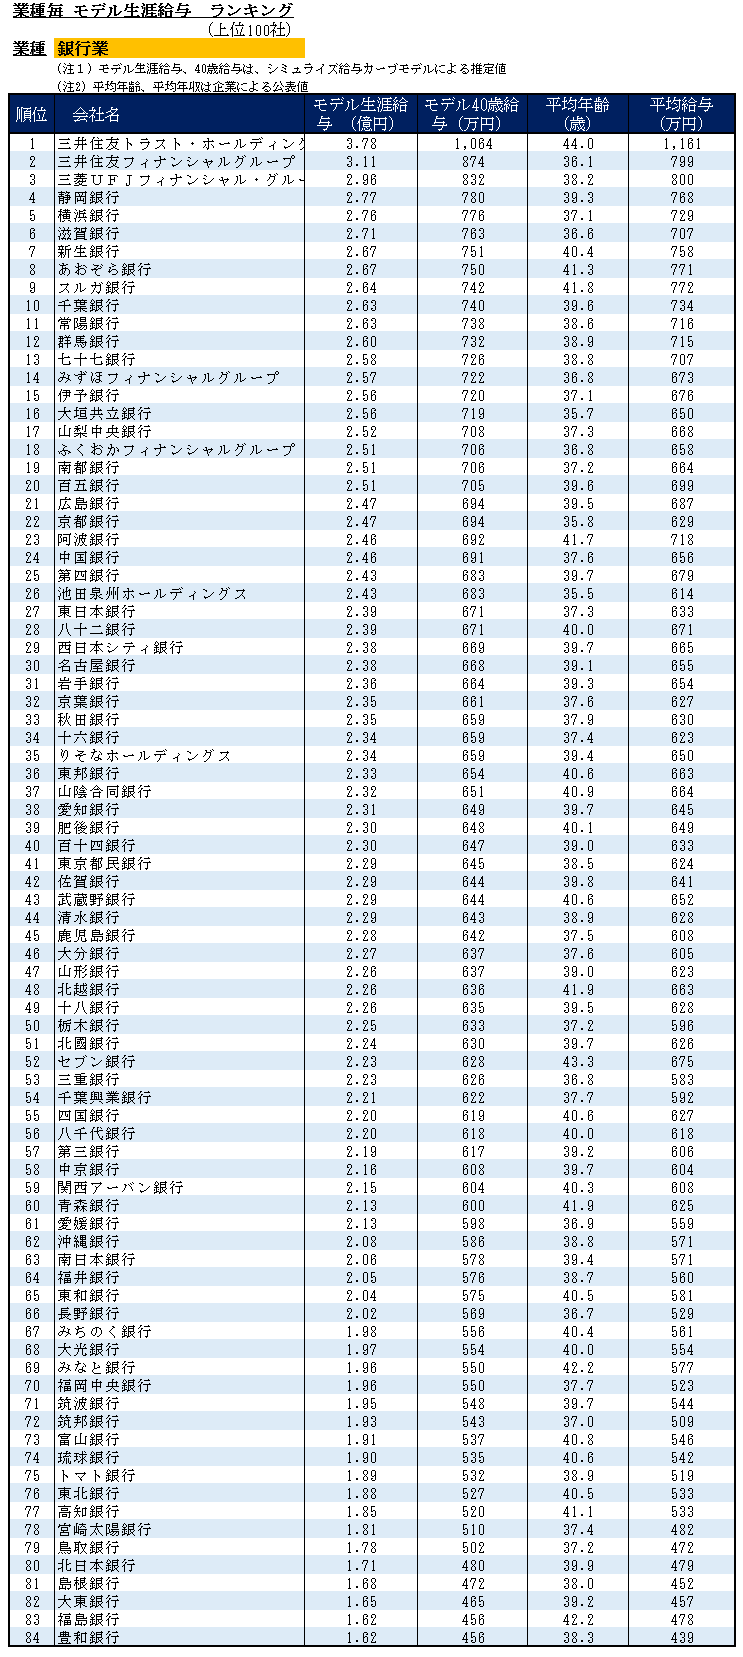 銀行生涯給与ランキング2013